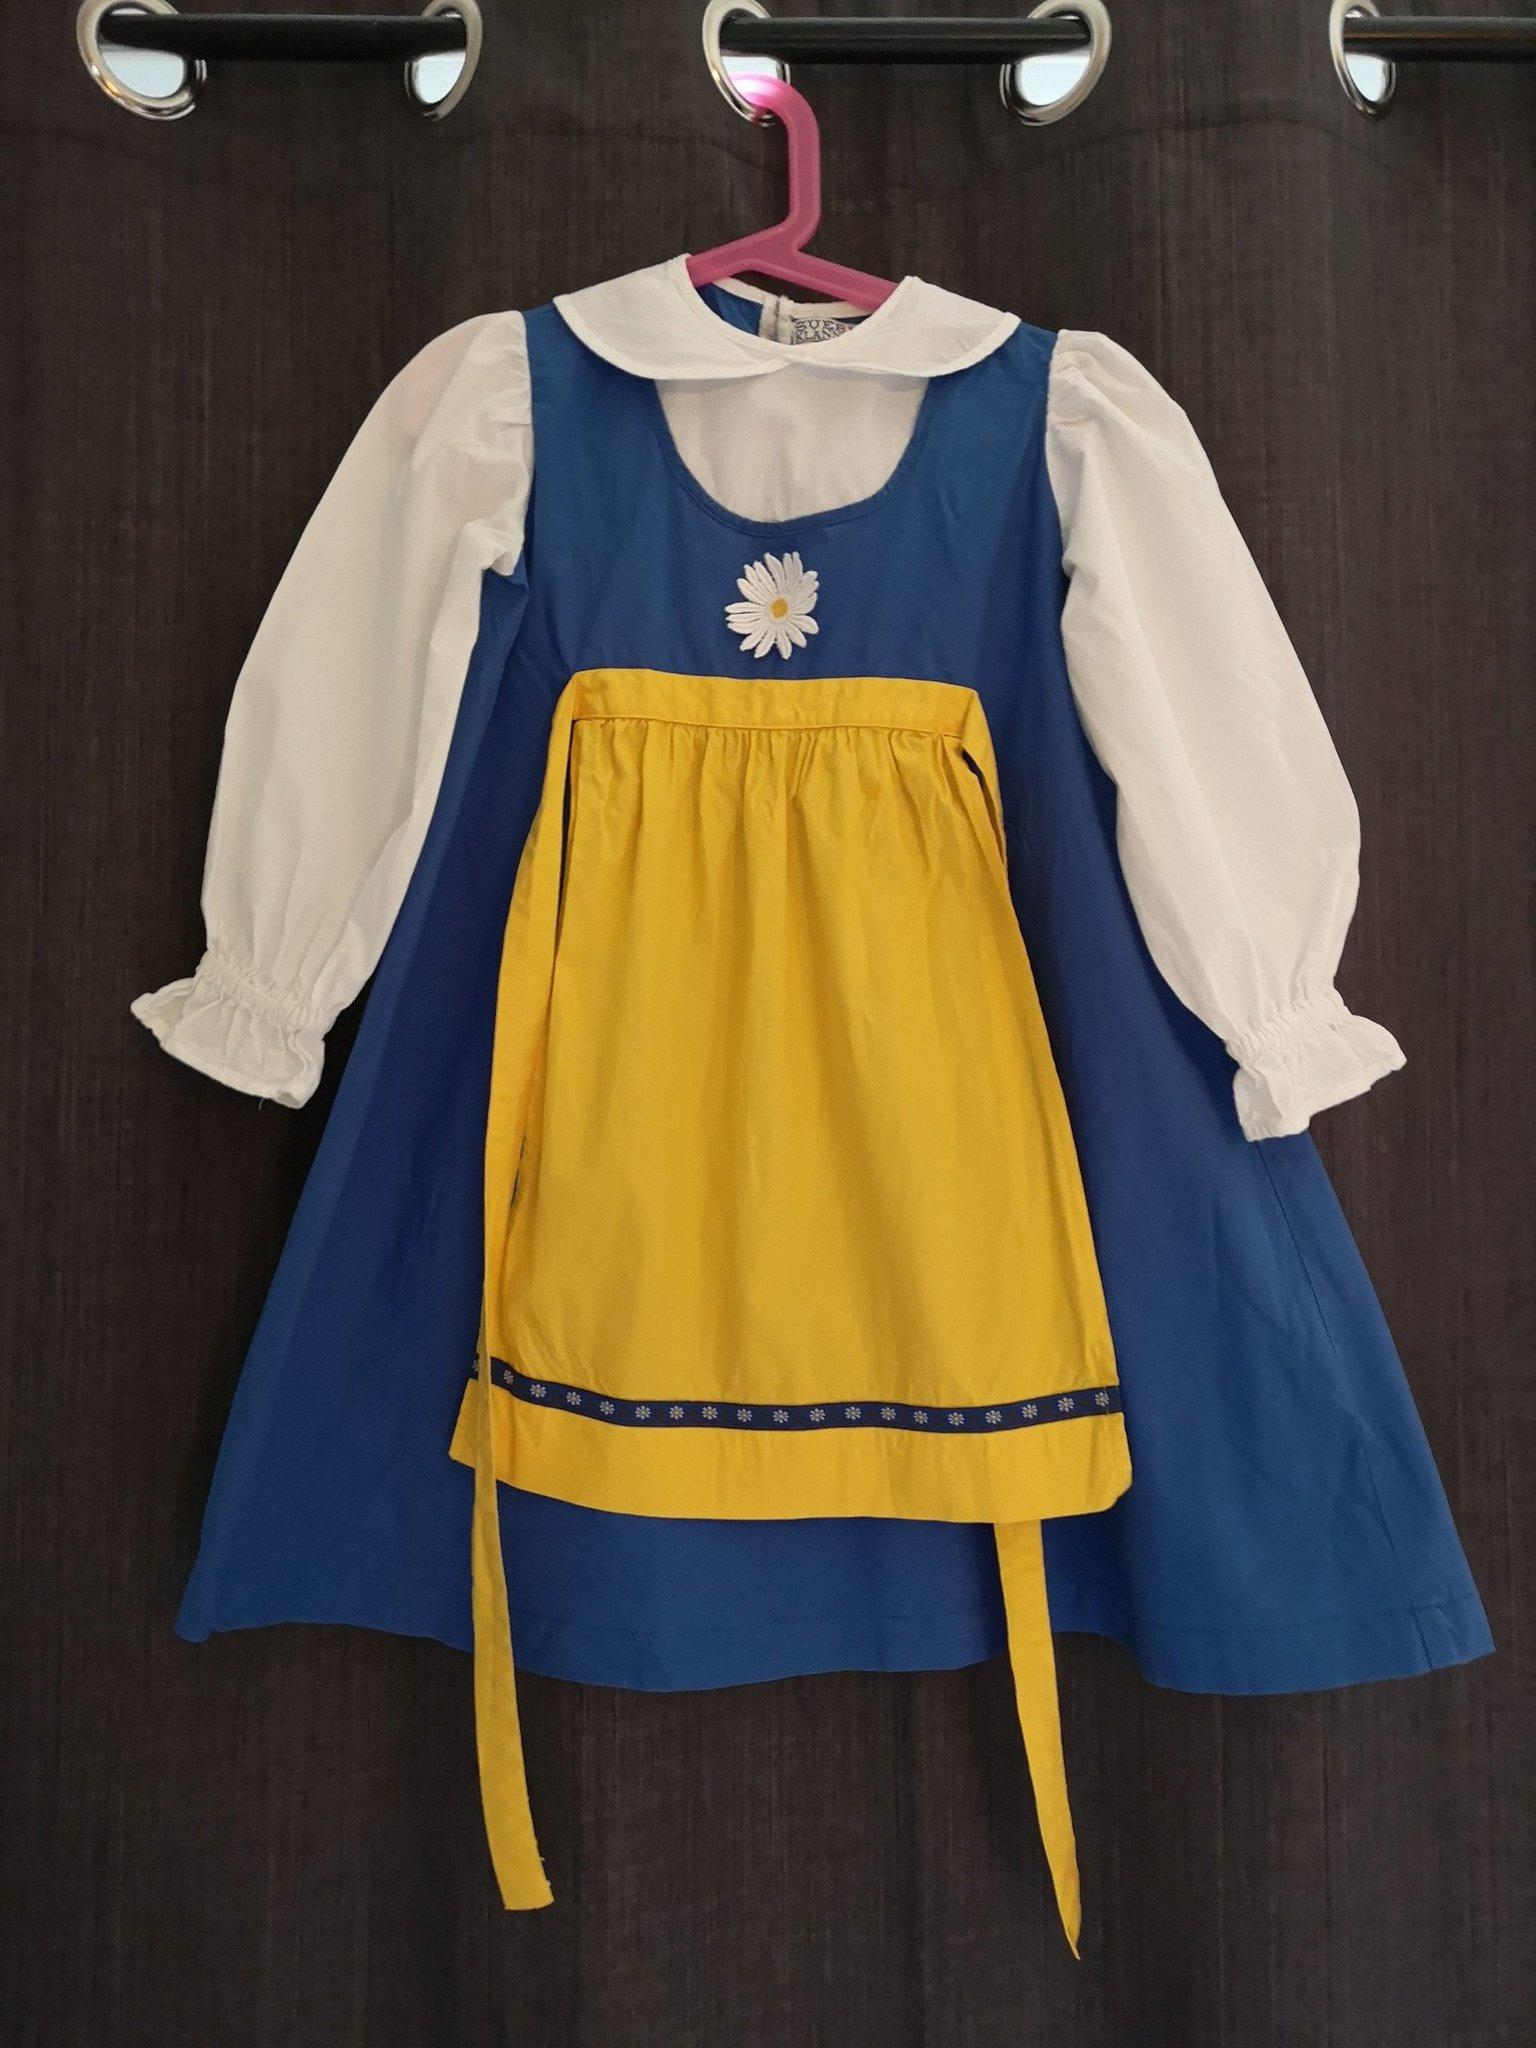 3c1e515d2aa Sverigeklänning (353778020) ᐈ Köp på Tradera